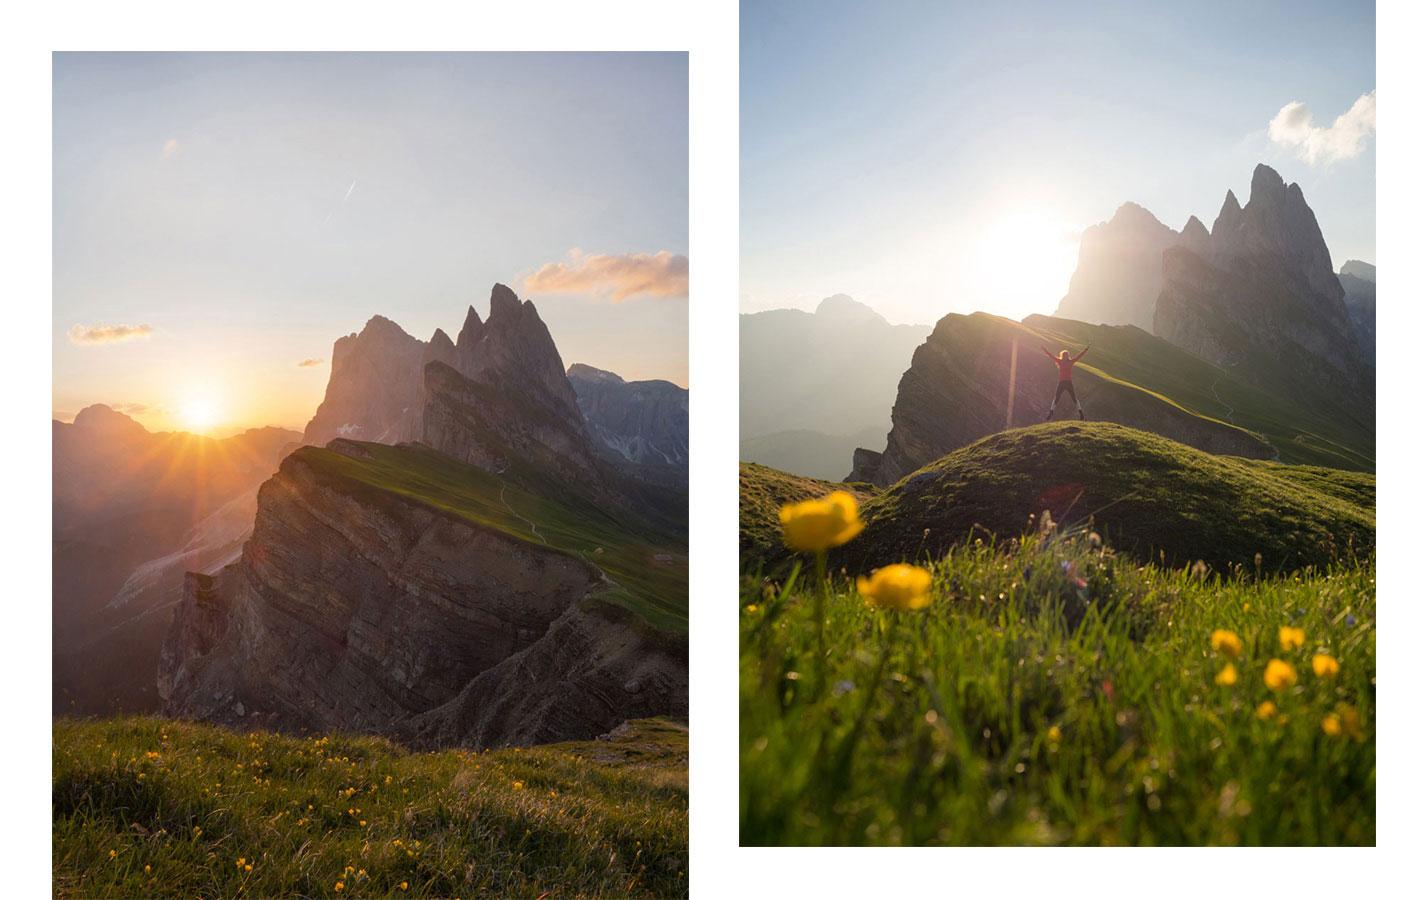 sonnenaufgang seceda suedtirol - Meine 8 schönsten Sonnenaufgänge - Blogparade